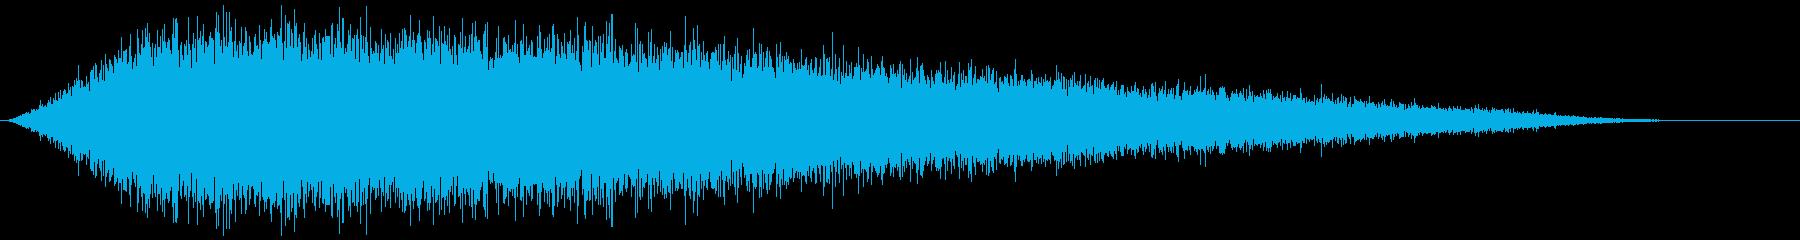 空気 ガス 漏れ等 長め(シュゥゥ…)の再生済みの波形